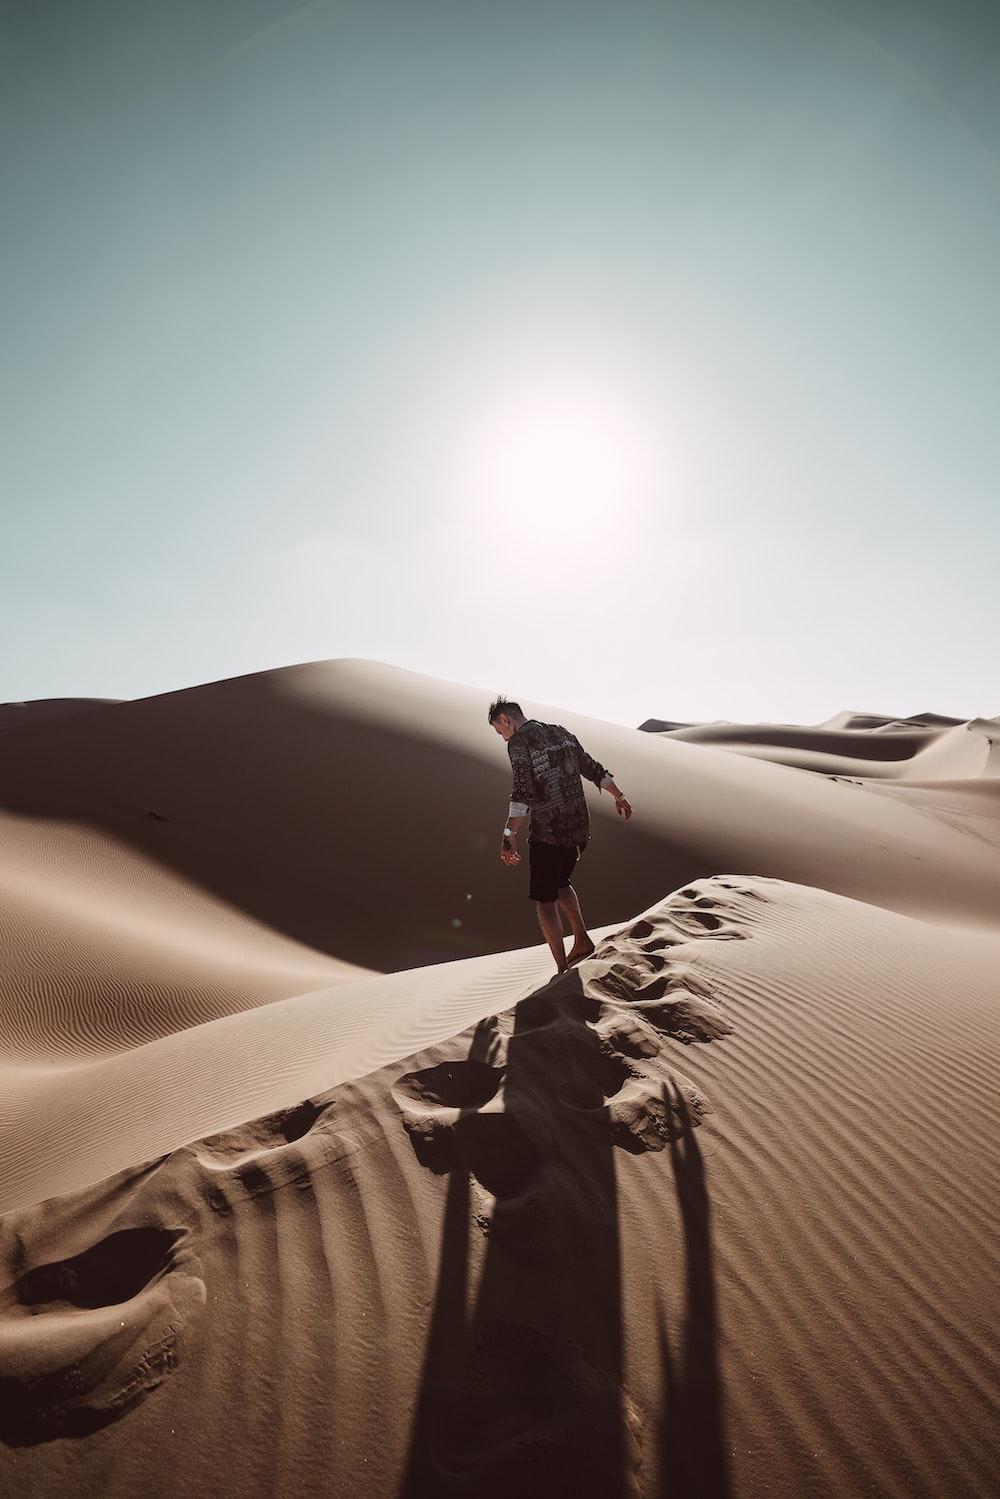 man standing on desert at daytime